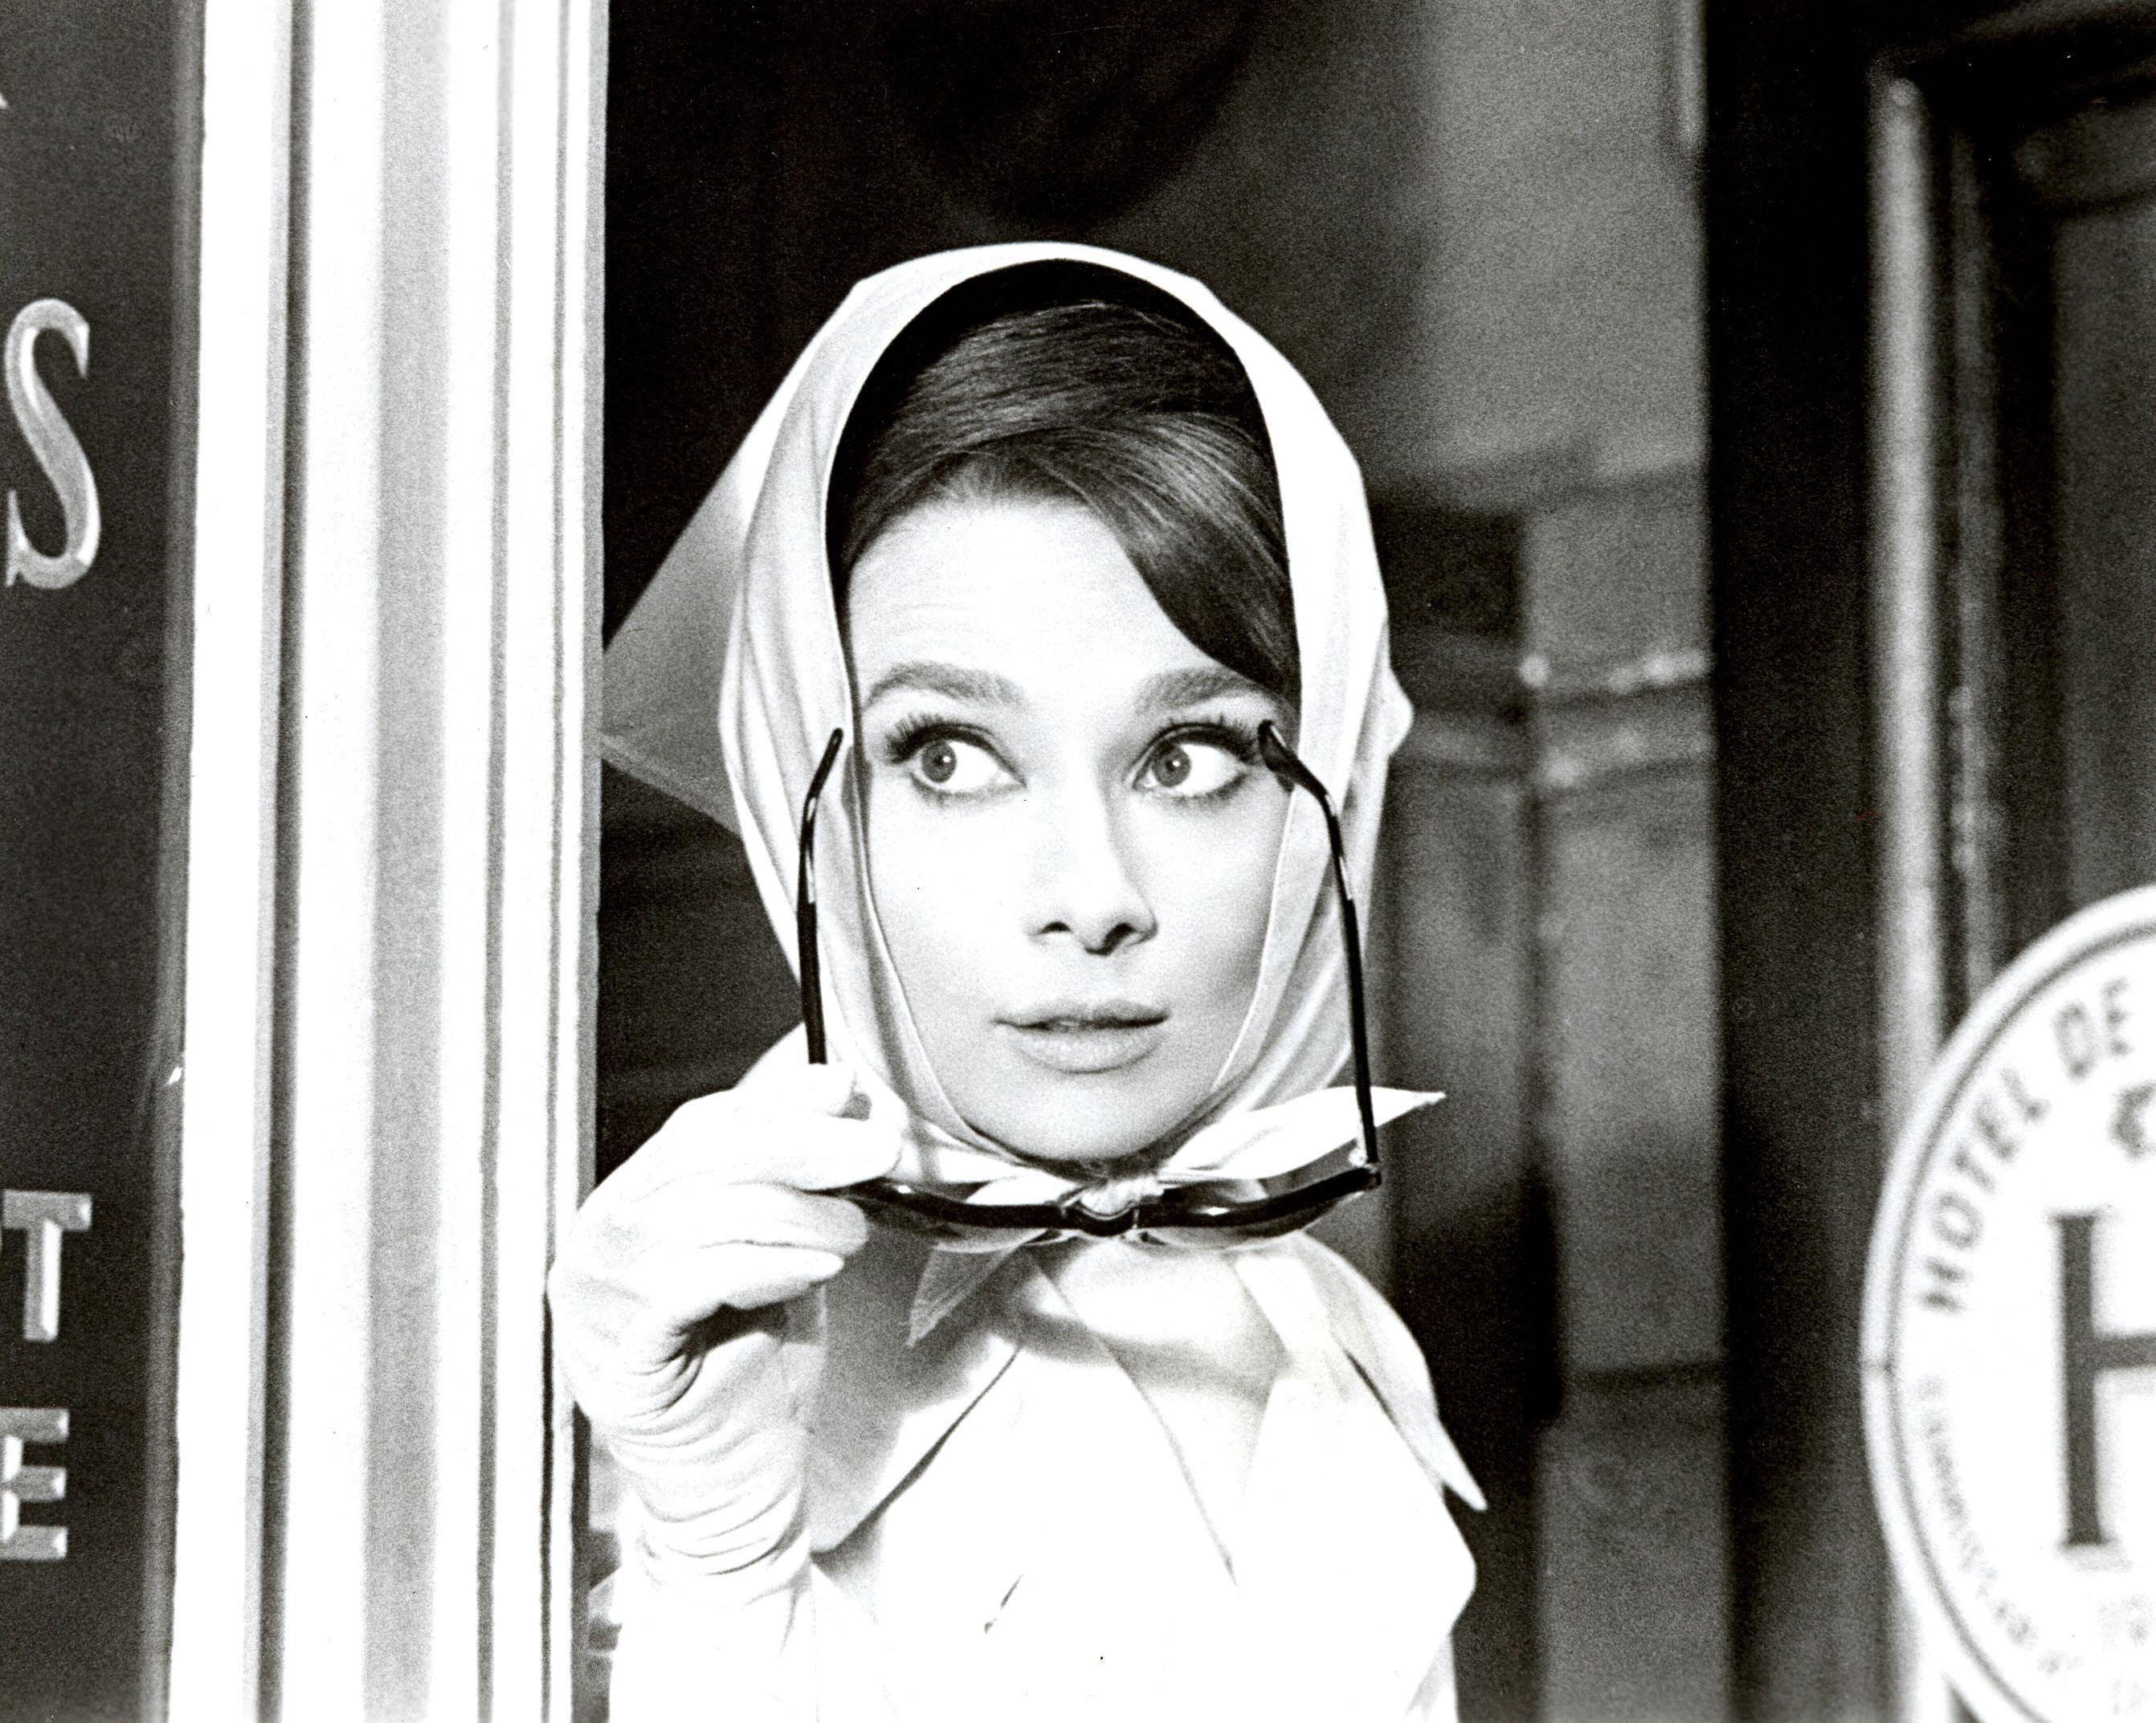 design di qualità 63eda 96f49 Sfondi : occhiali da sole, Audrey Hepburn, foulard, attrice ...